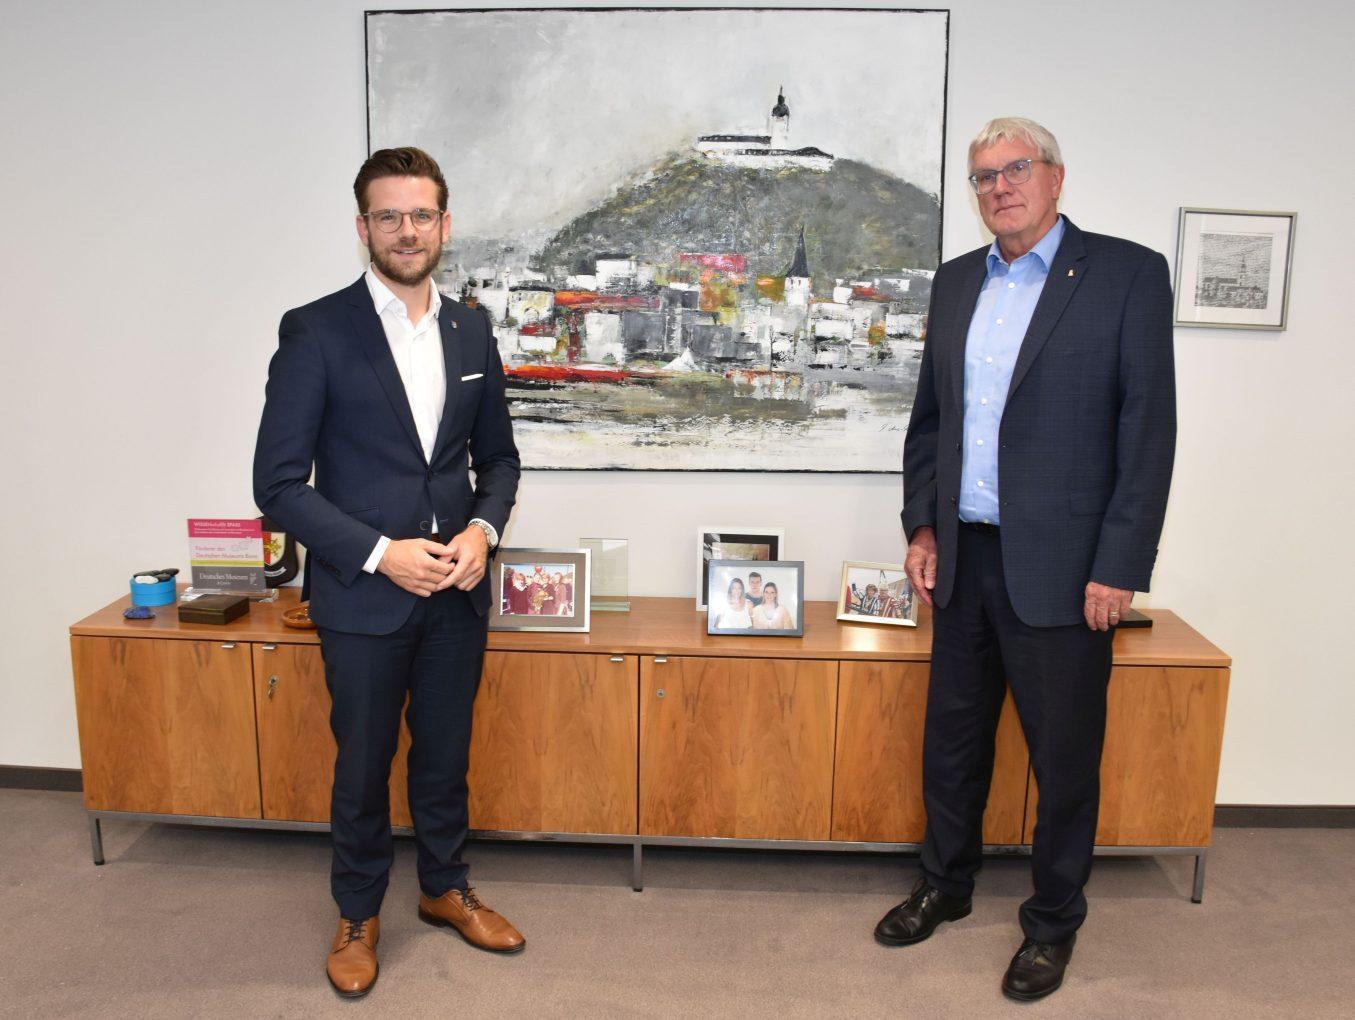 Zusammen für die Metropolregion Rheinland: Mönchengladbacher Oberbürgermeister besuchte Landrat Schuster